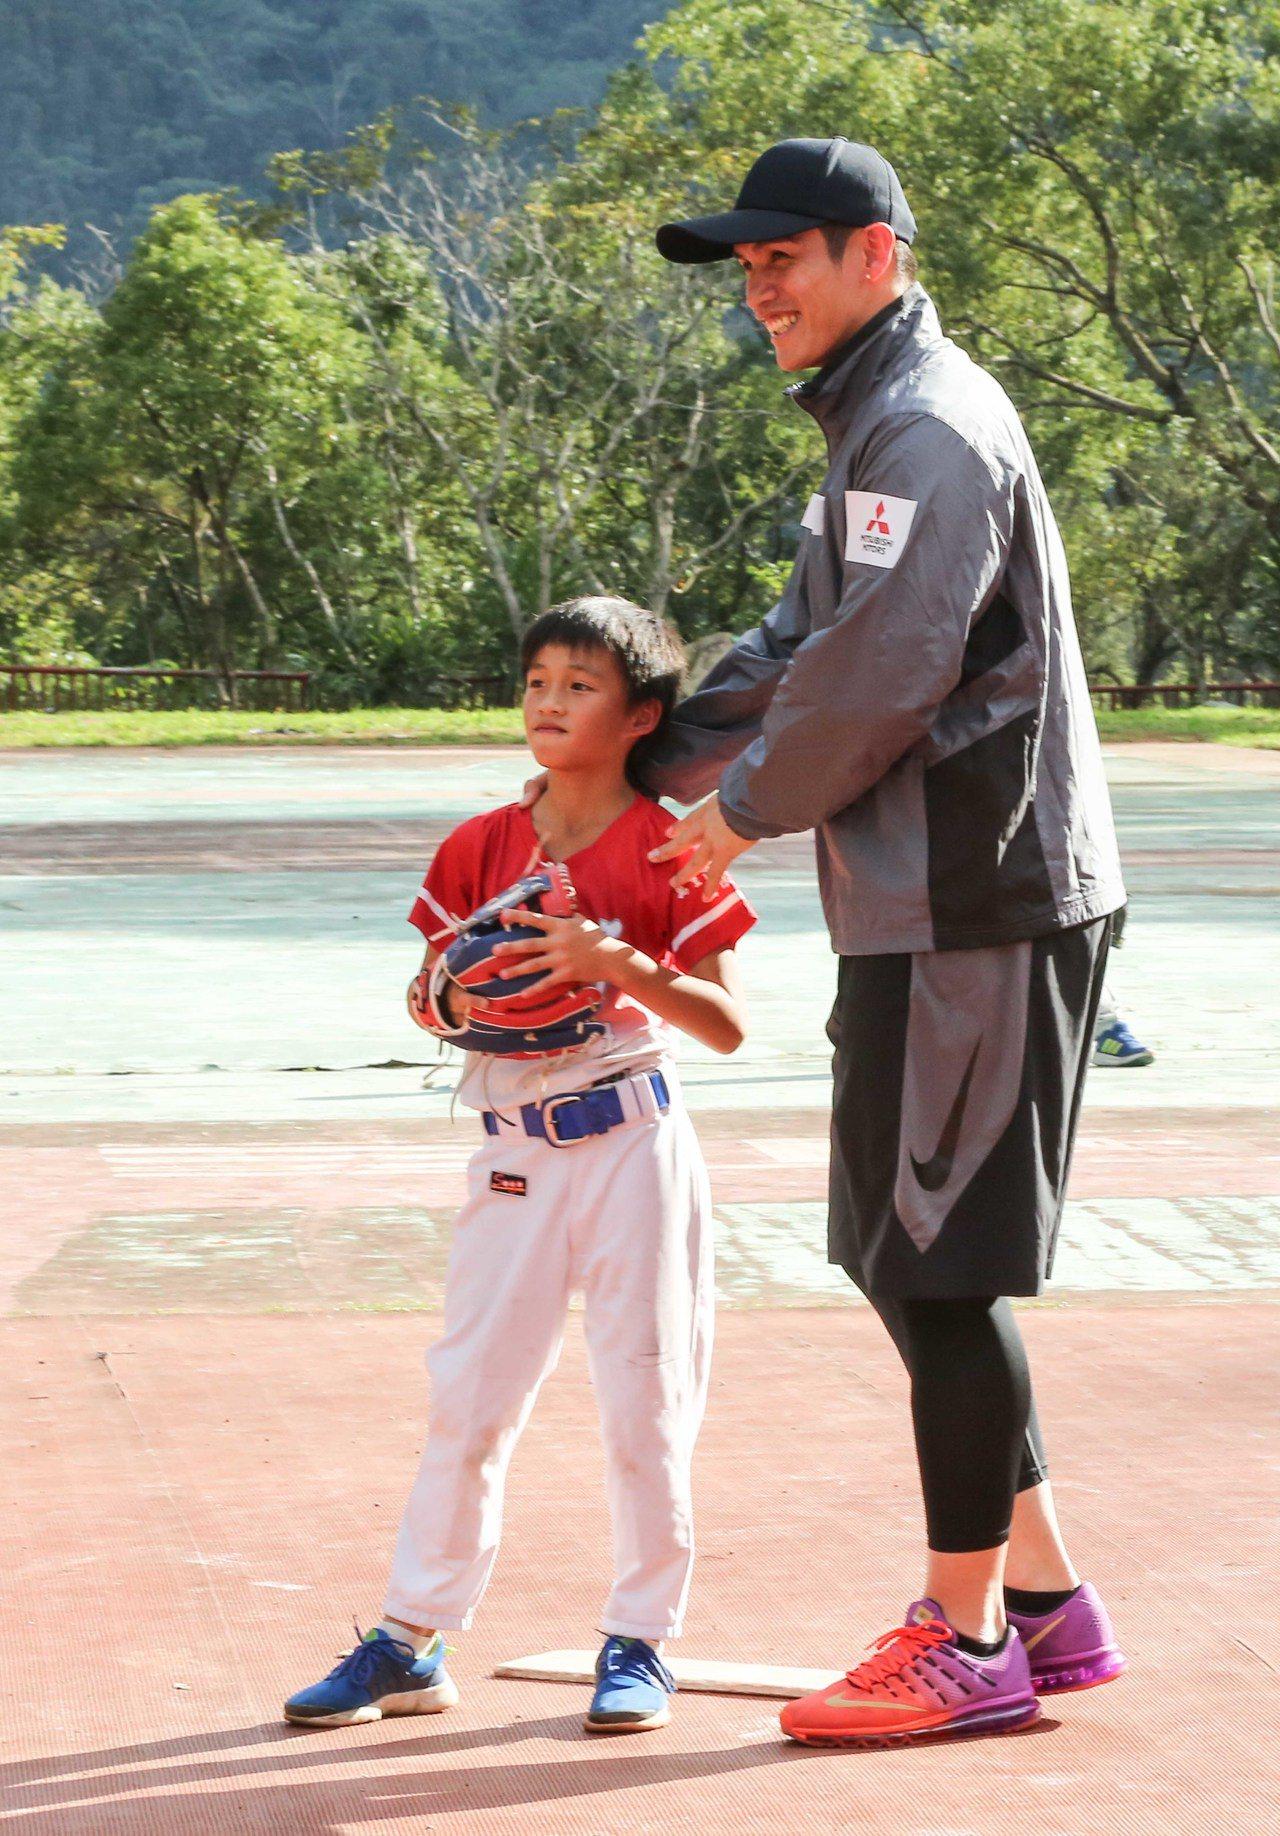 陽岱鋼指導小朋友球技,笑得相當開心。圖/中華汽車提供